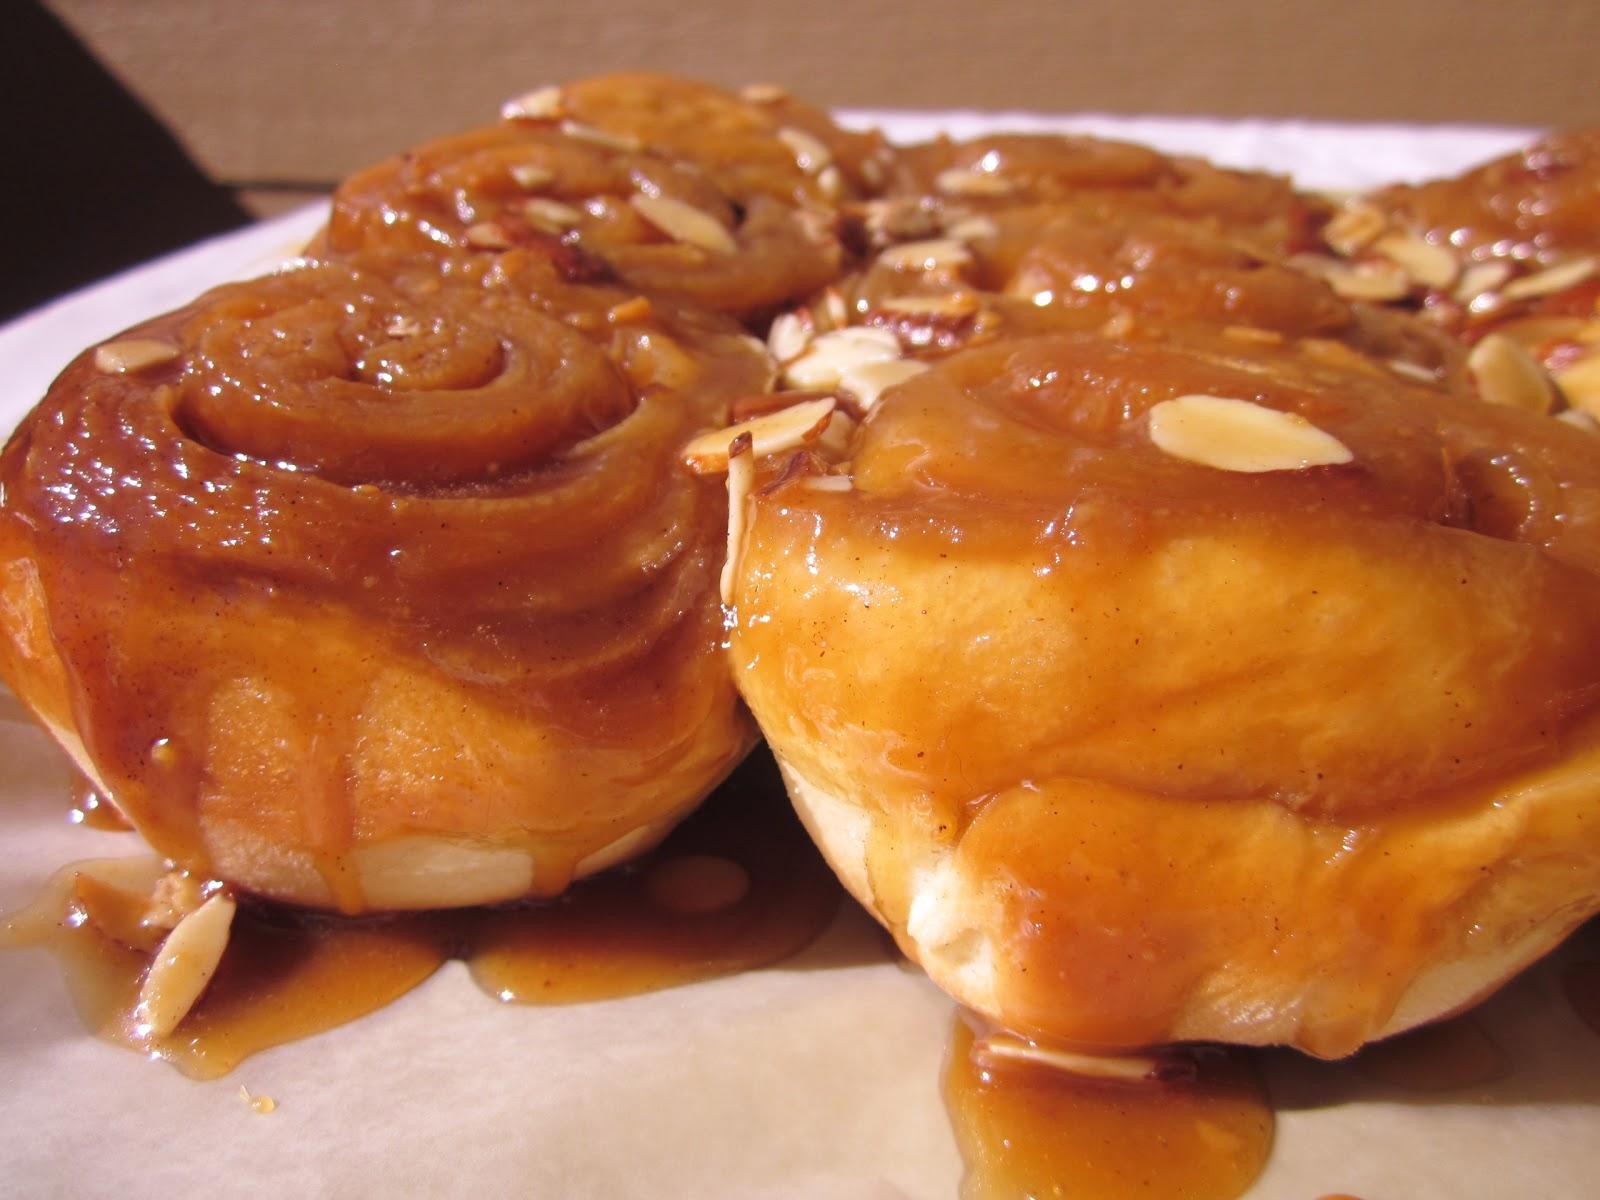 sticky buns quick sticky buns pecan sticky buns sticky pecan mini buns ...